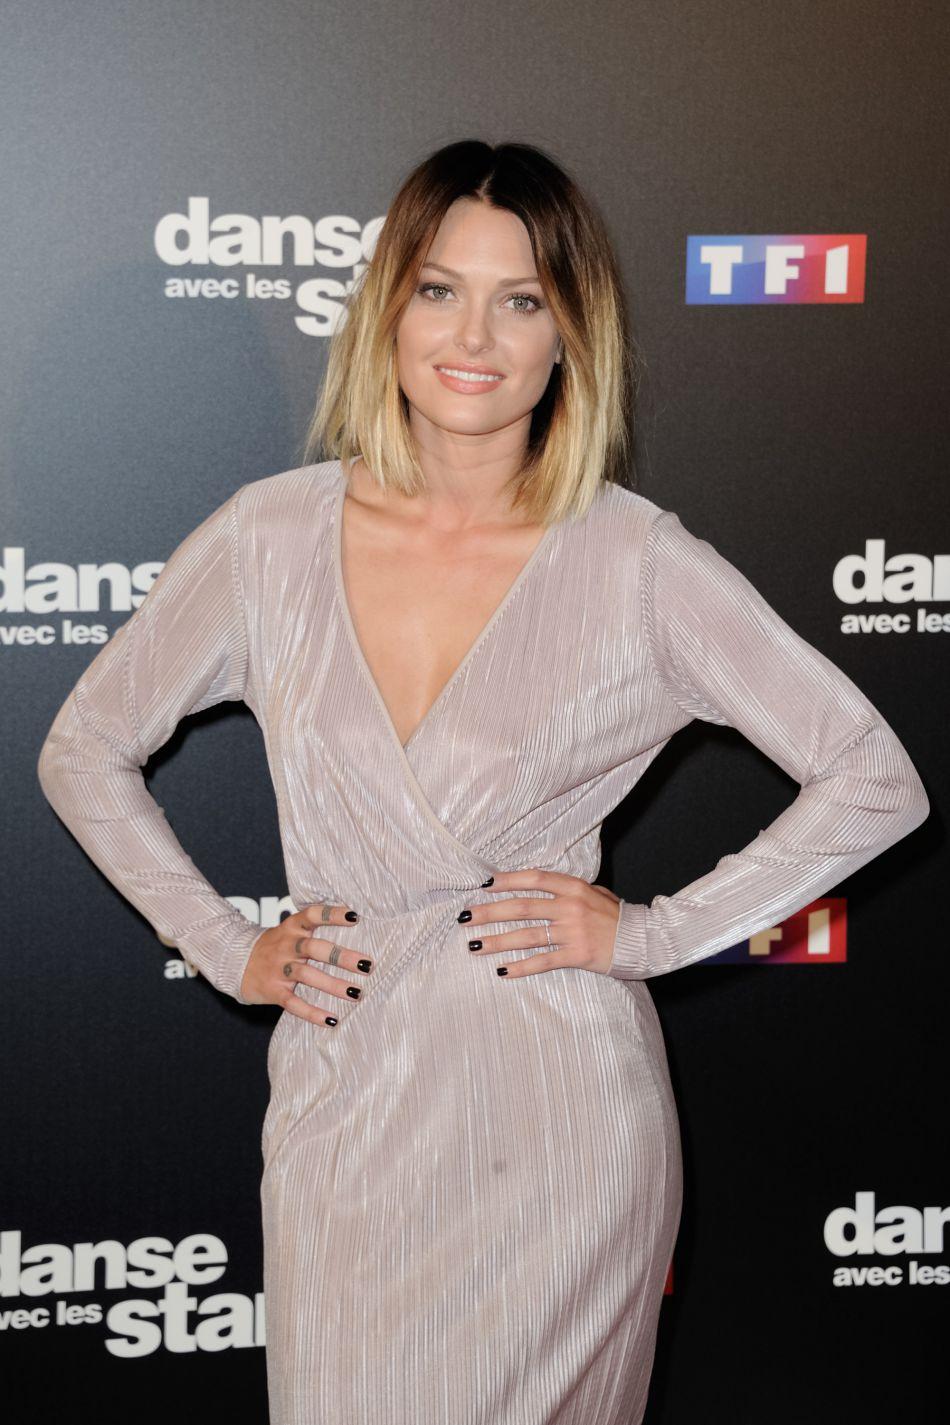 """Caroline Receveur dansera aux côtés de Maxime Dereymez pour """"DALS saison 7""""."""